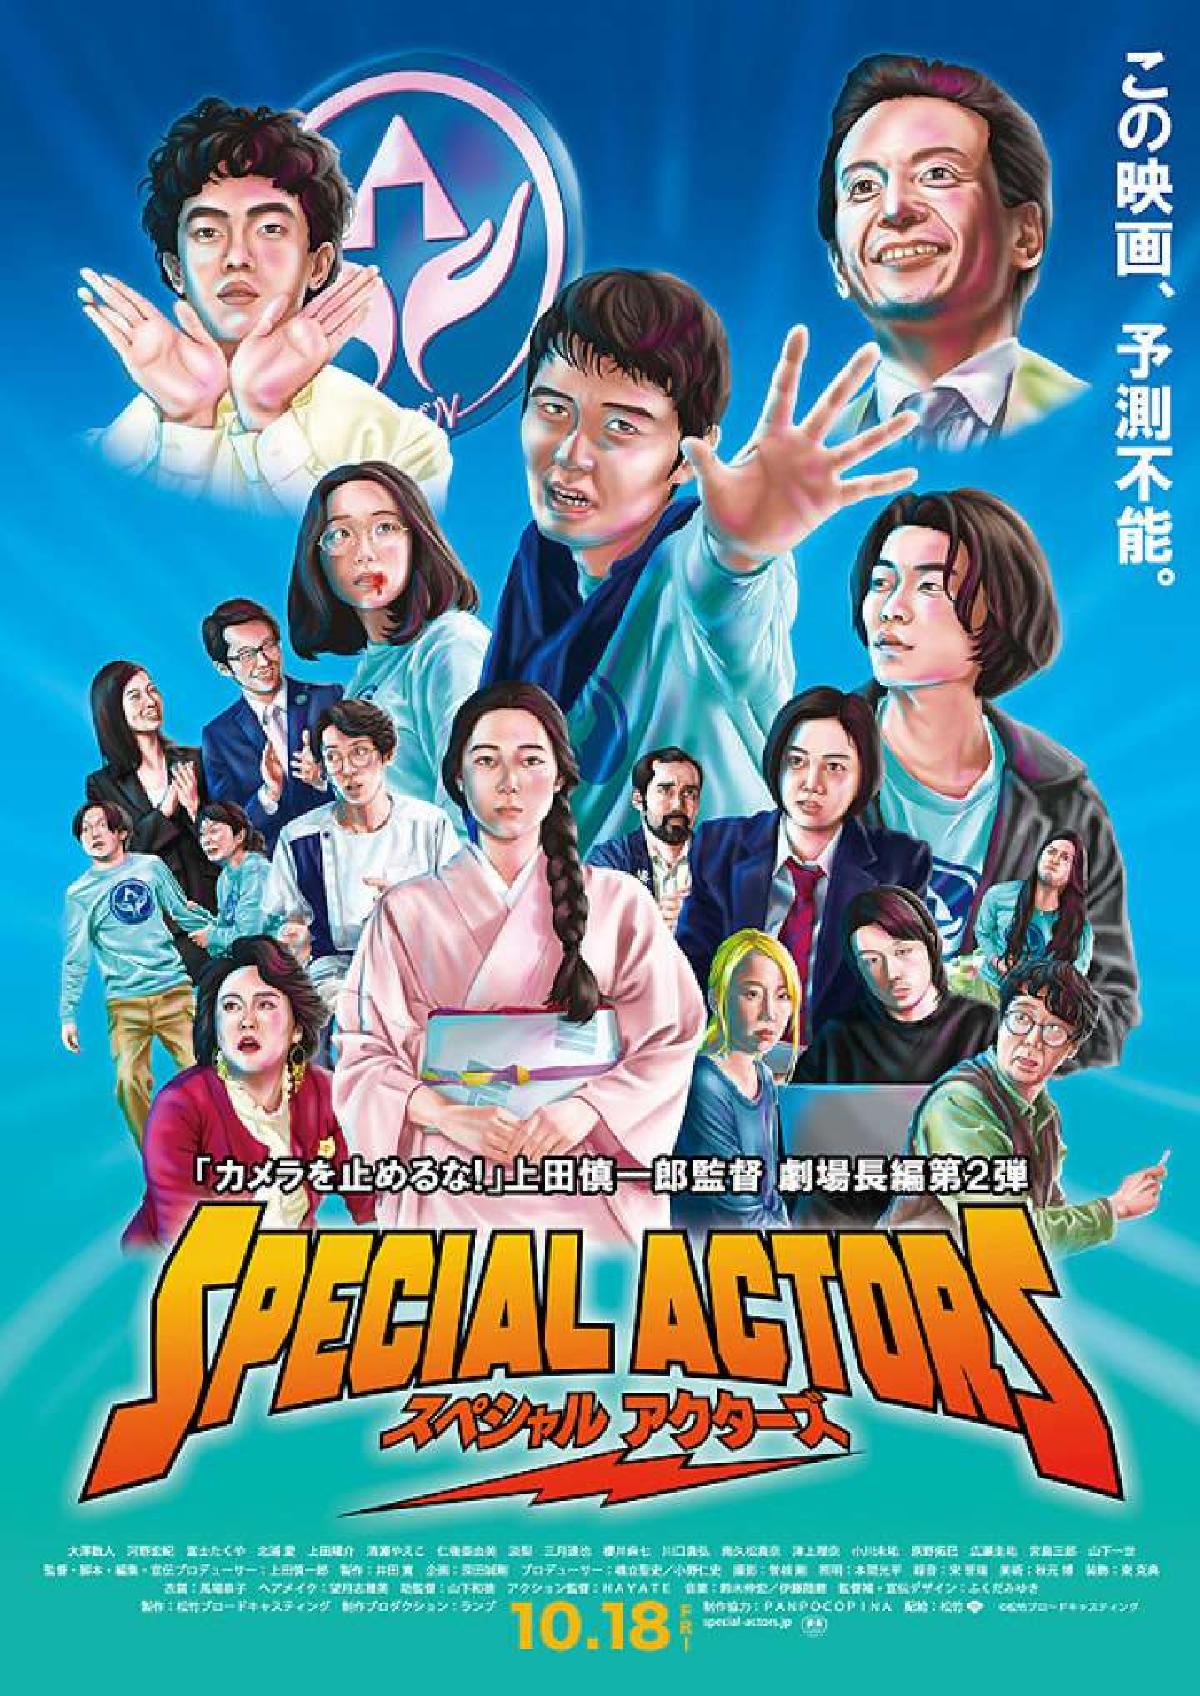 映画「スペシャルアクターズ」が2020年9月3日よりタイで劇場公開